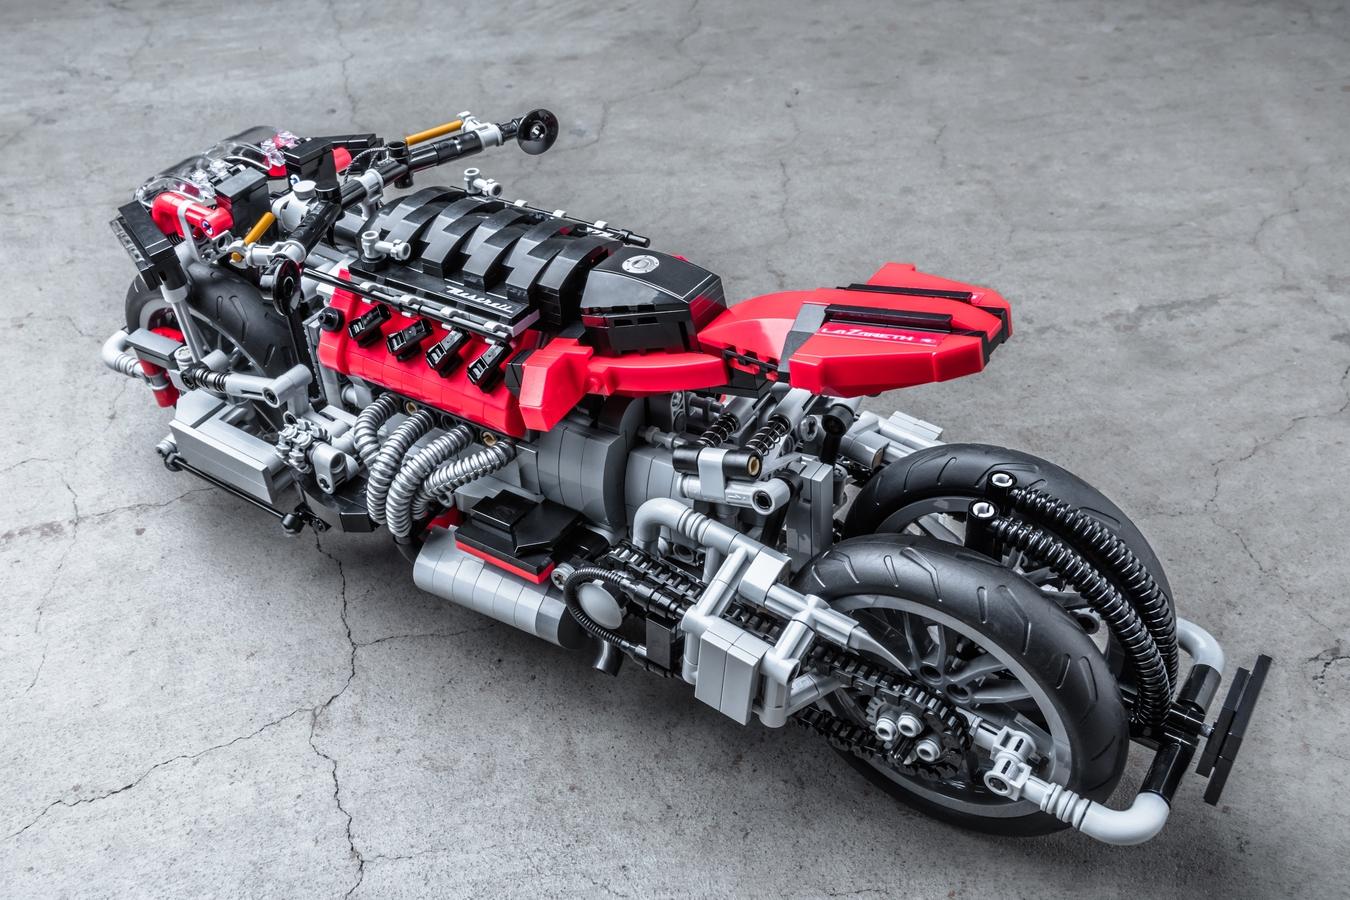 4-Wheel Motorbike Lazareth LM 847